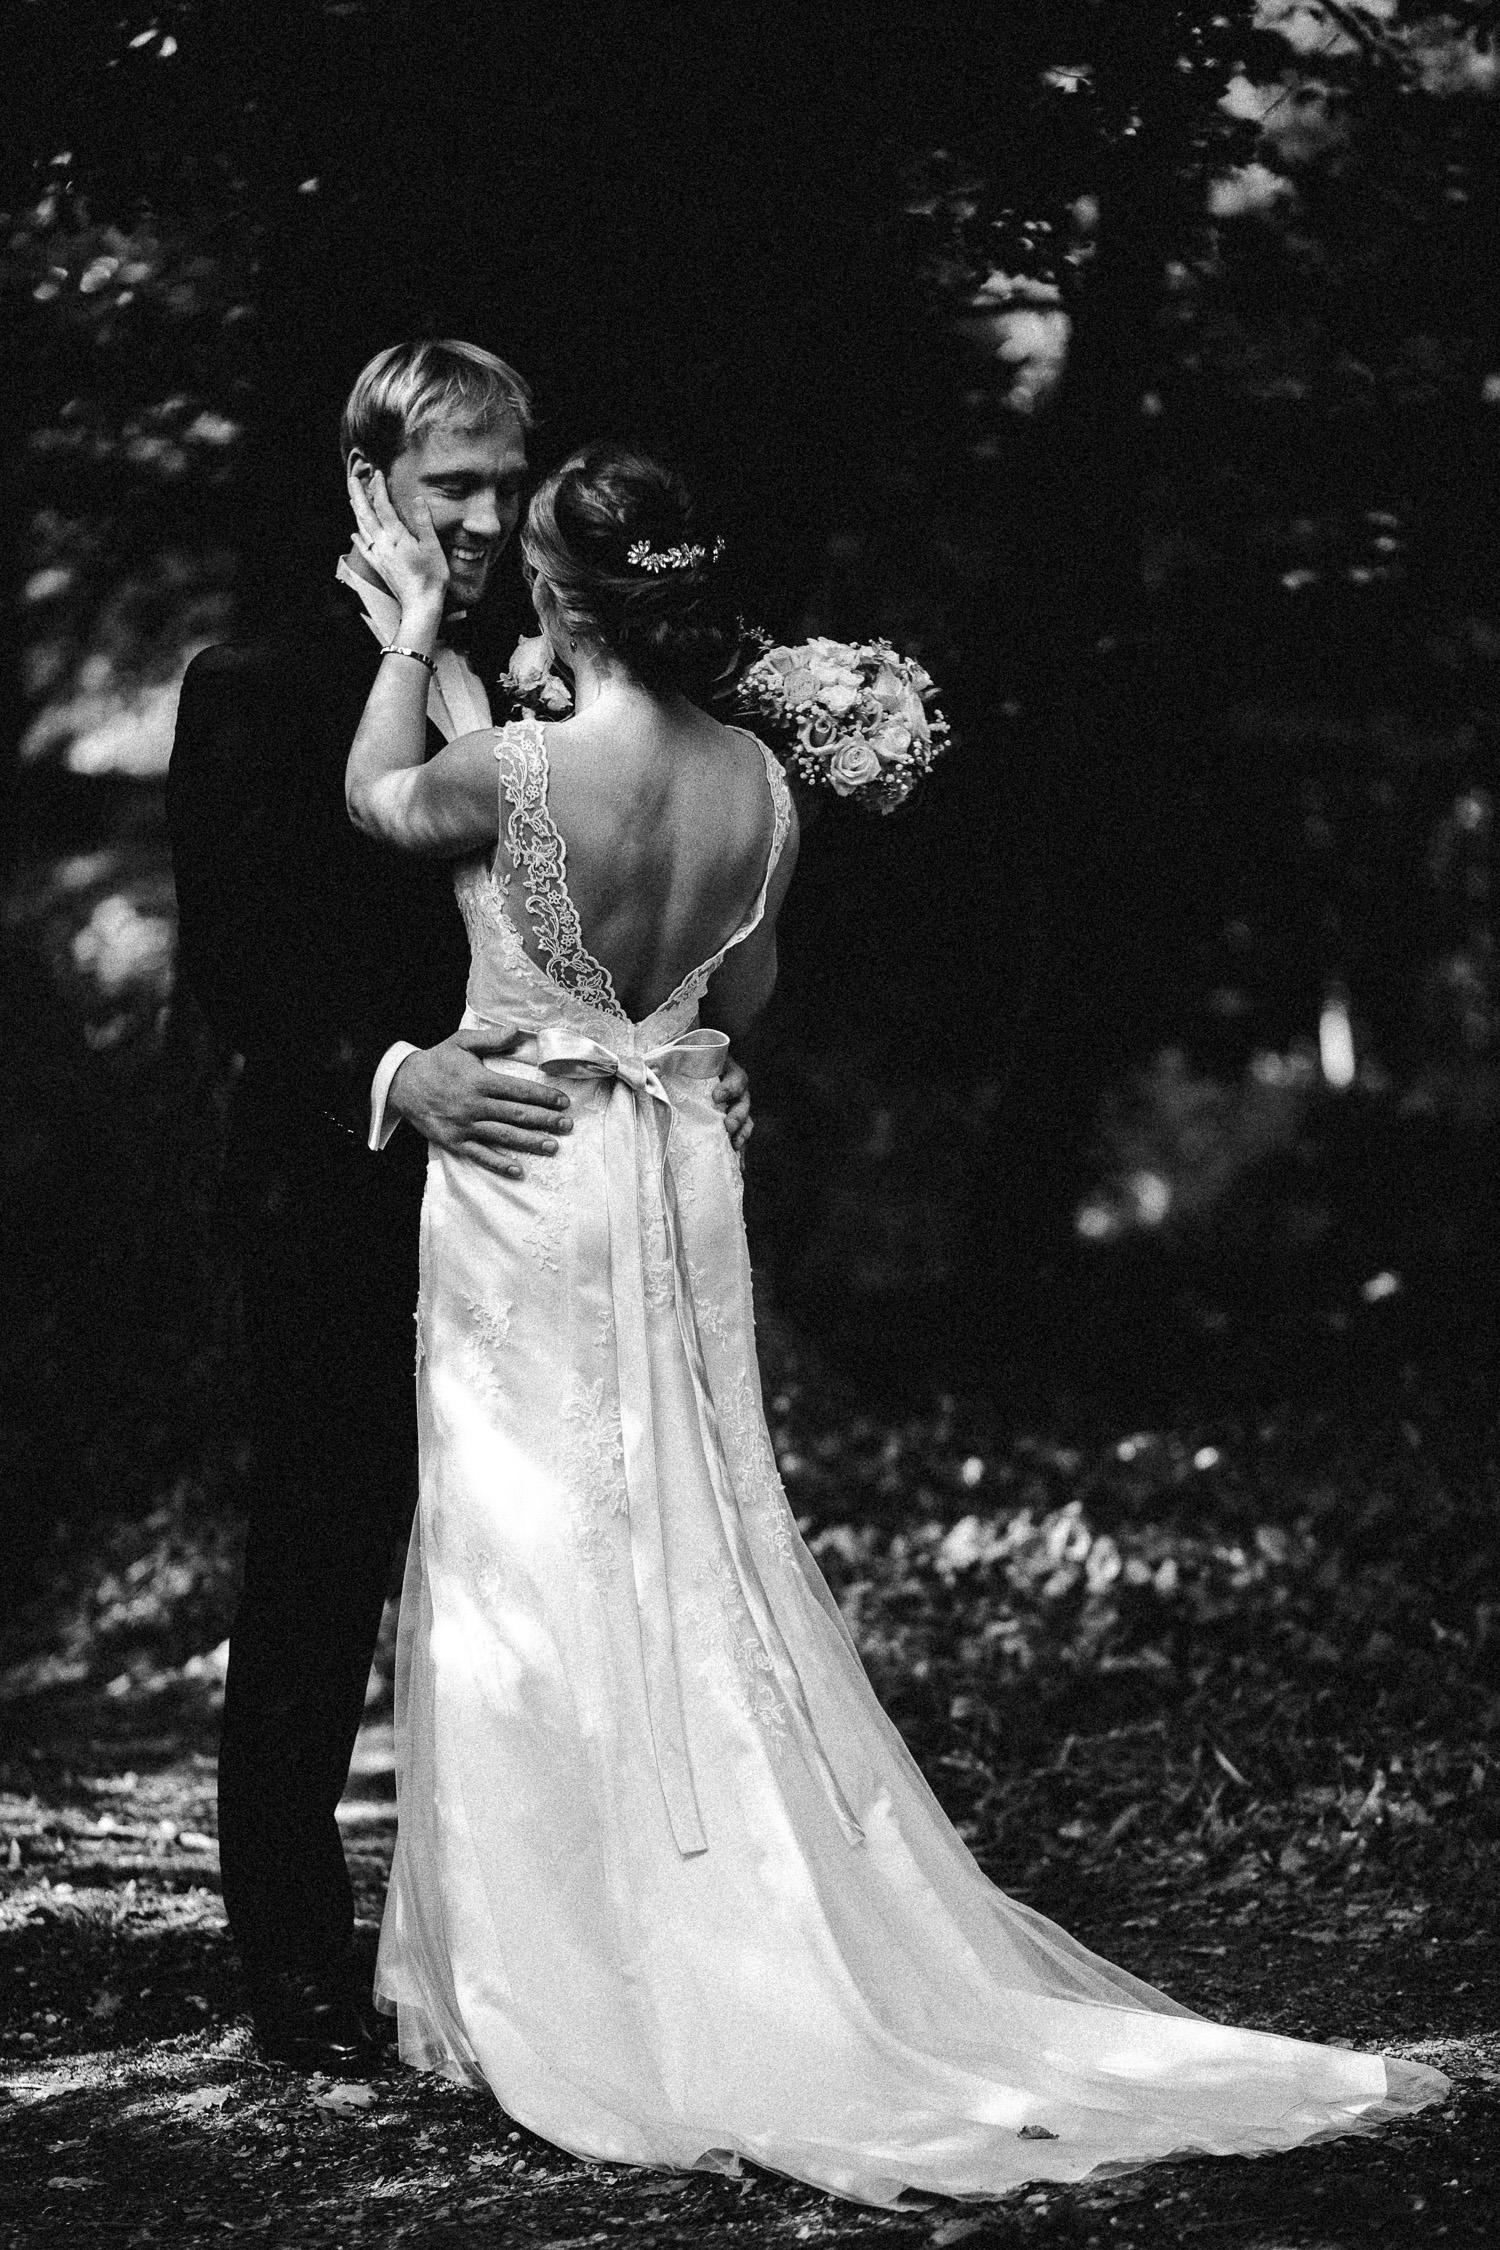 Sarah-Sven-Hochzeitsreportage-45a Yogalehrerin heiratet Handball Trainer Hochzeitreportage